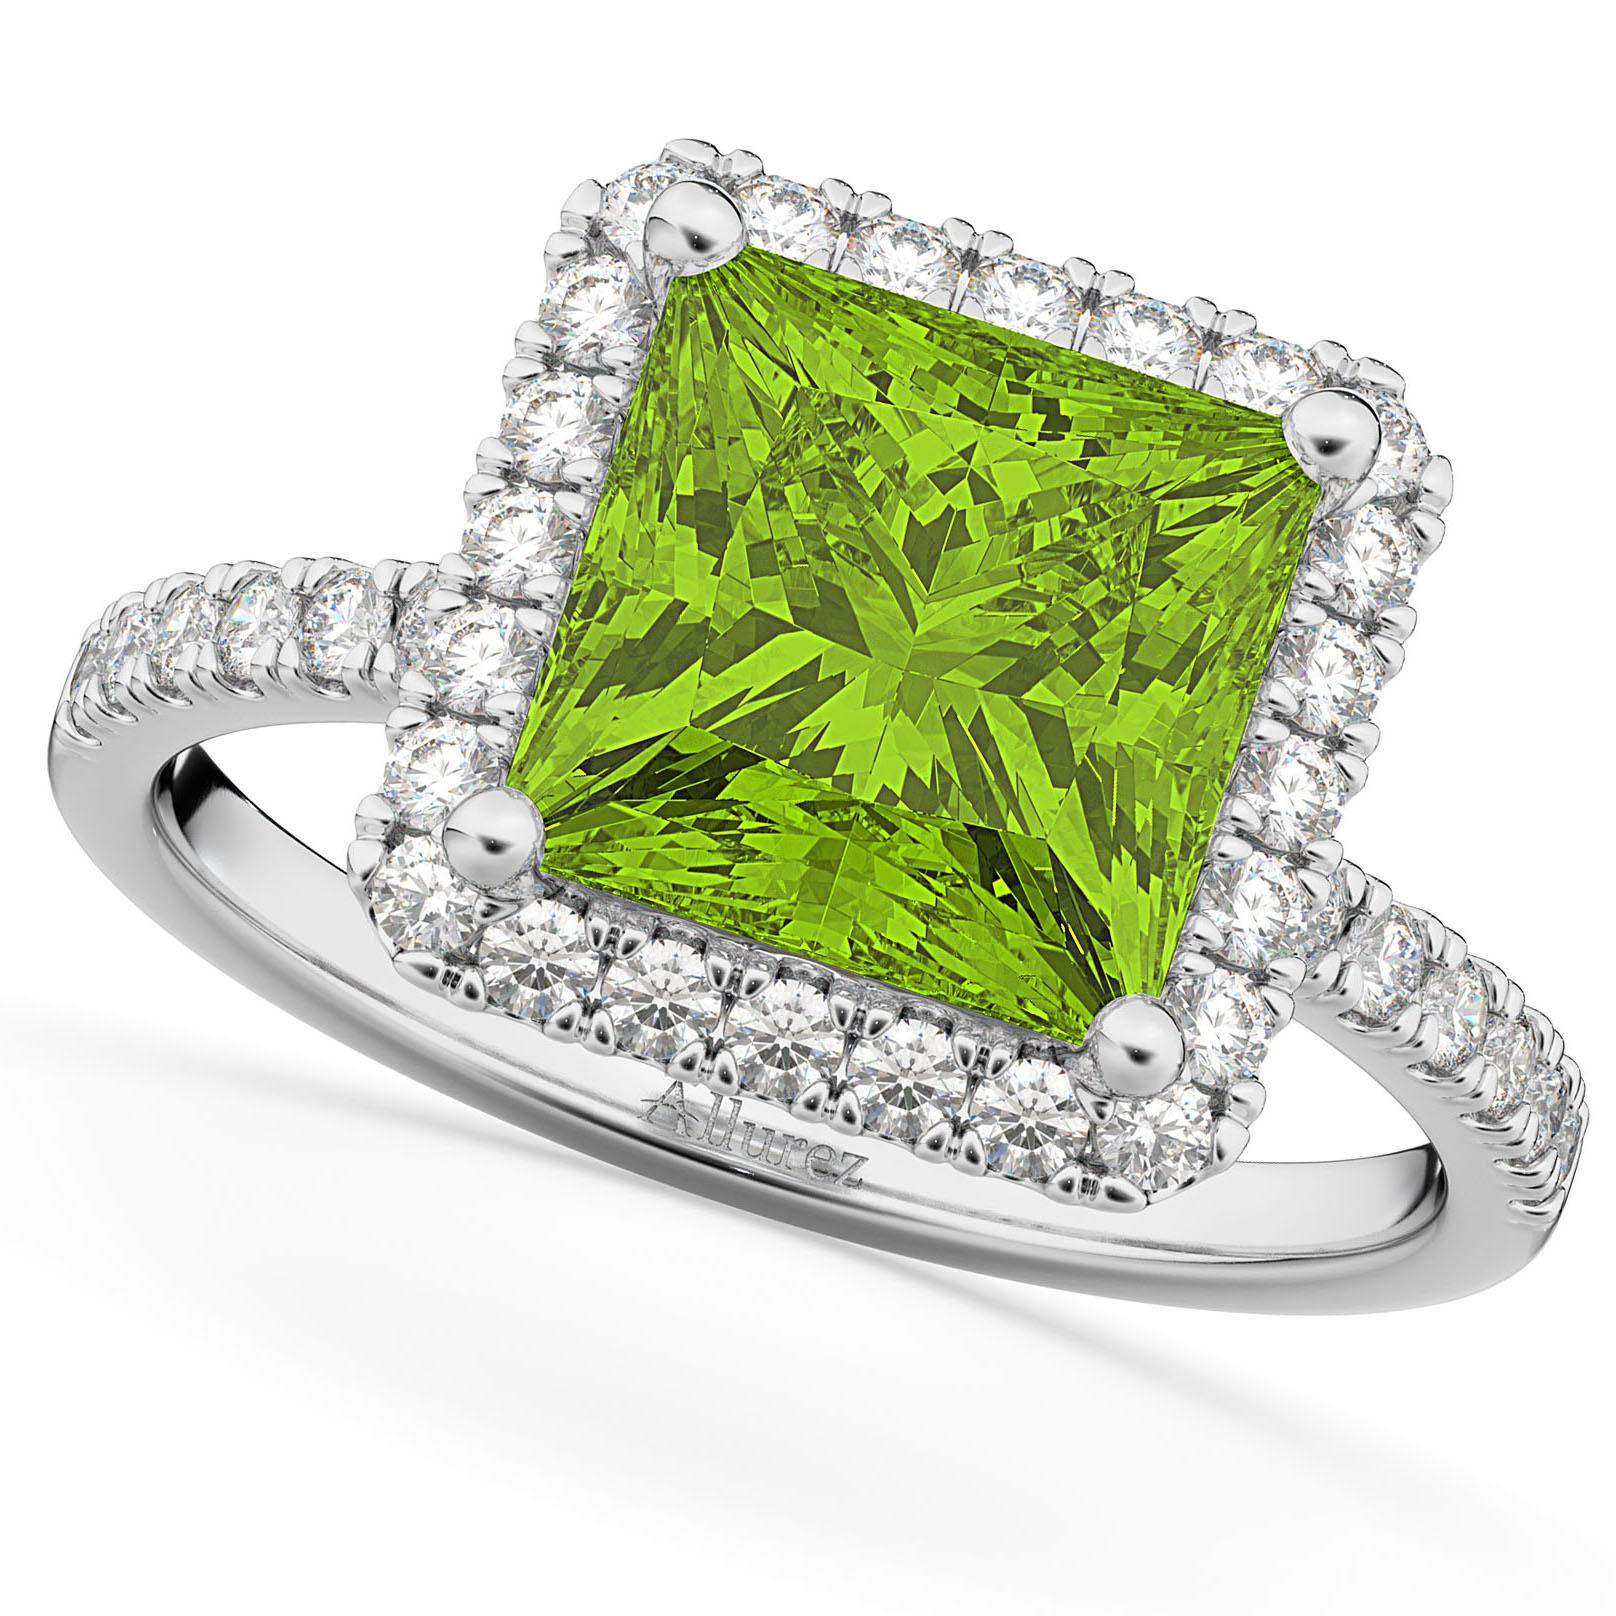 Princess Cut Halo Peridot & Diamond Engagement Ring 14K White Gold 3.47ct